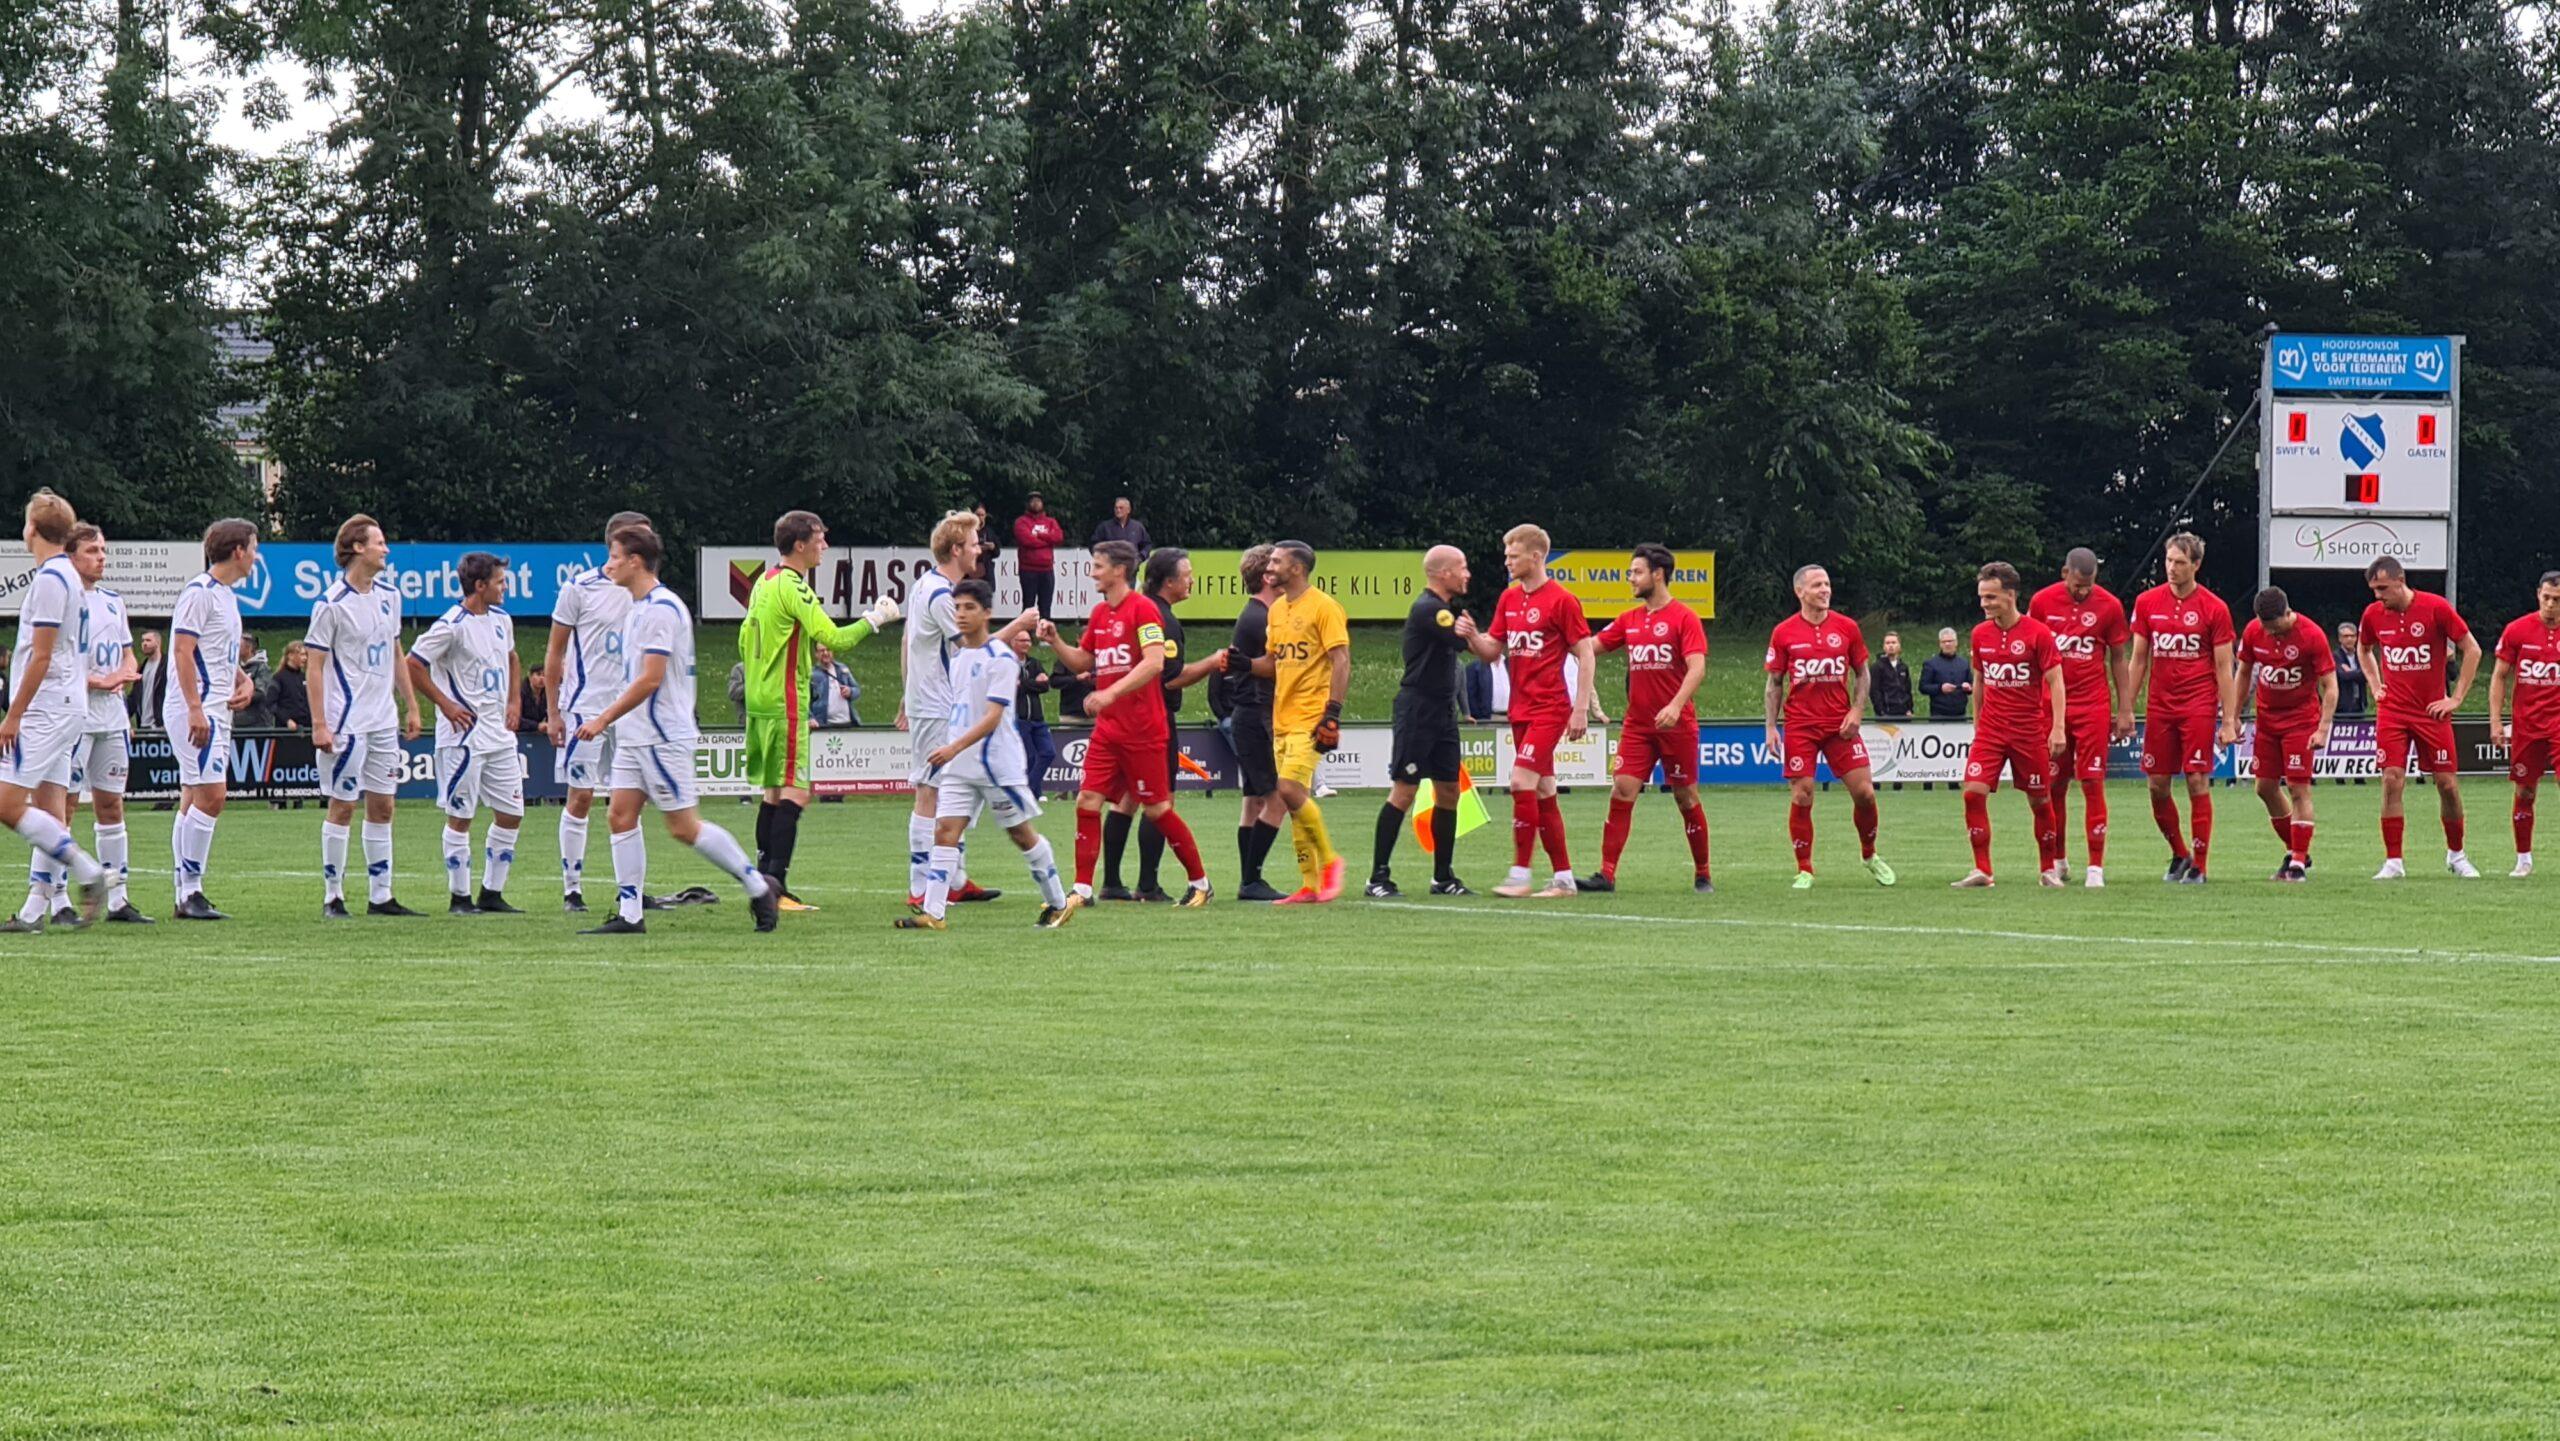 Almere City FC wint ook tweede oefenduel, Regioteam Dronten met 7-0 verslagen